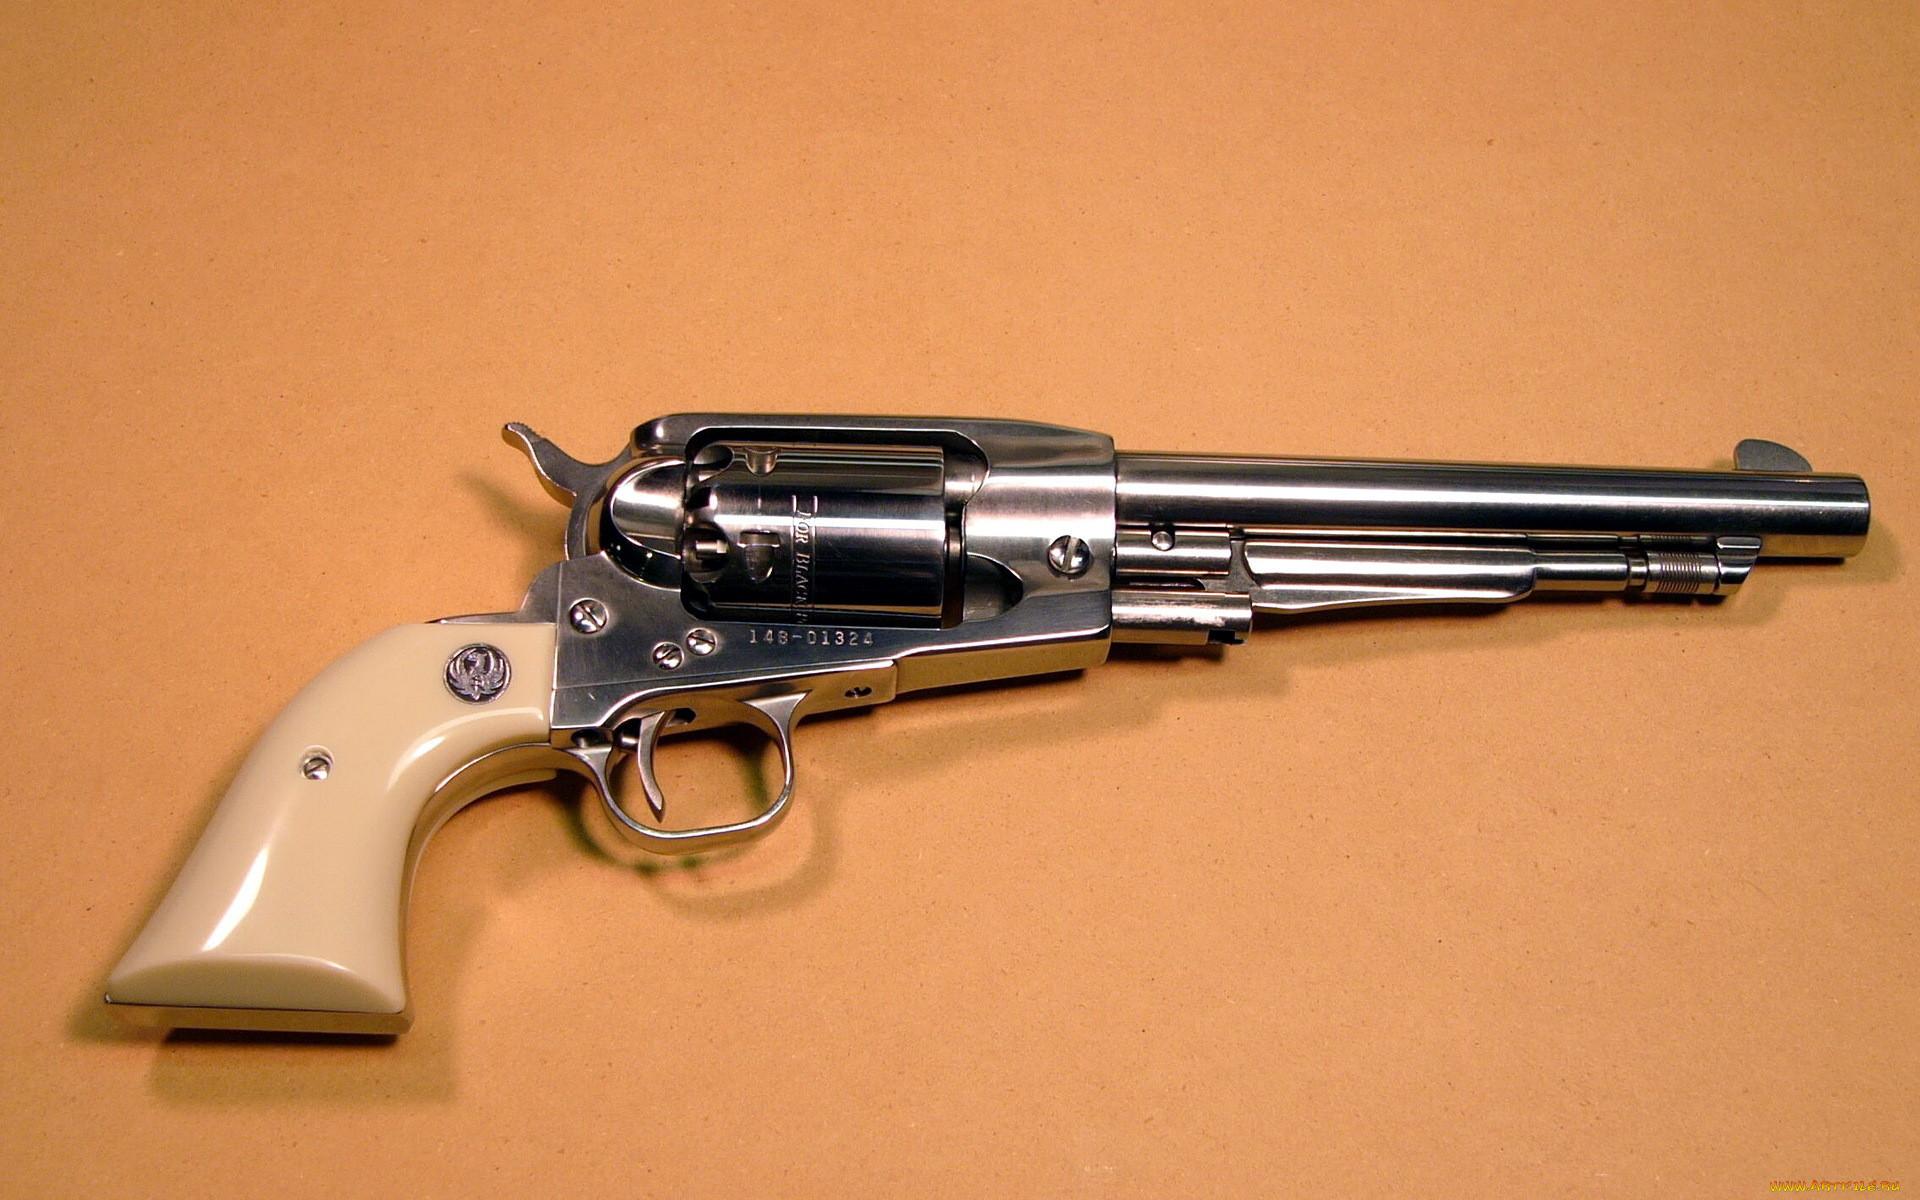 оружие, револьверы, ruger, old, army, пистолет